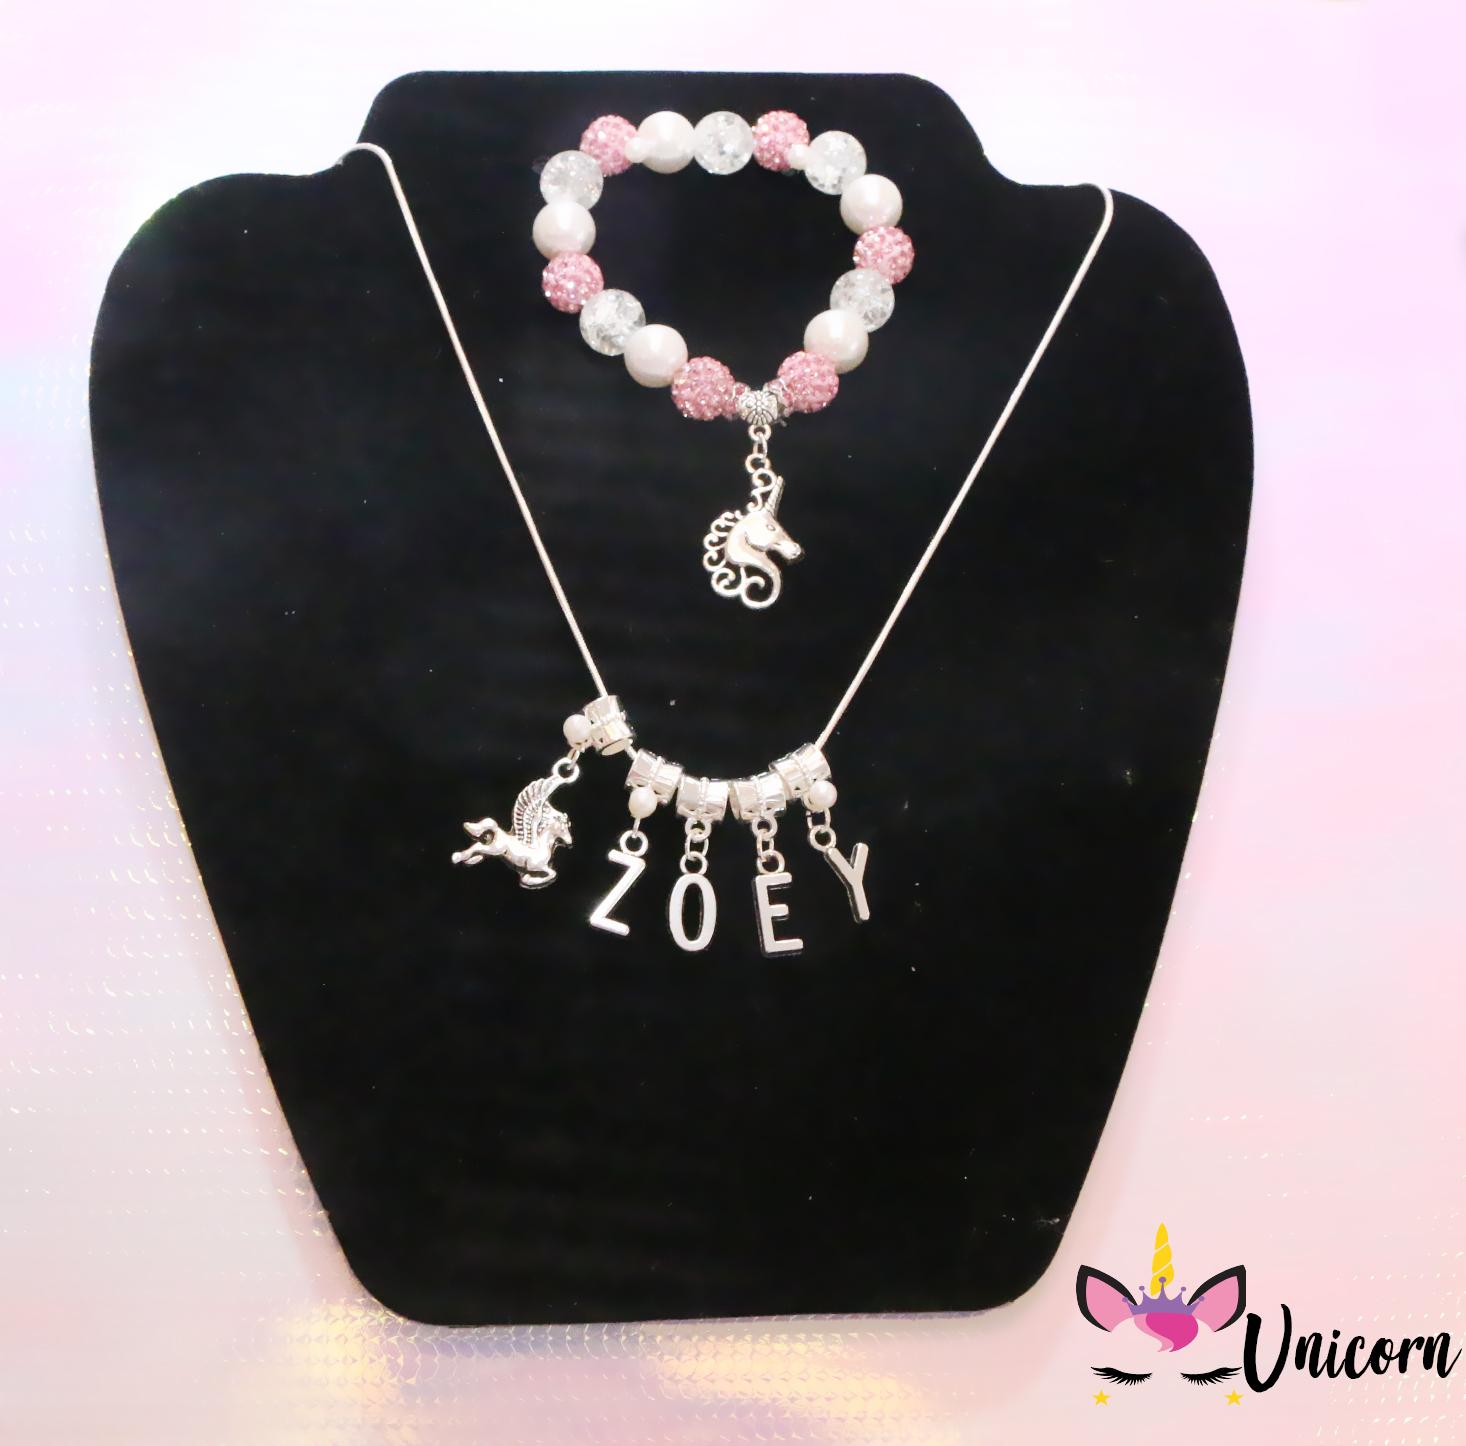 Unicorn Jewelry Set